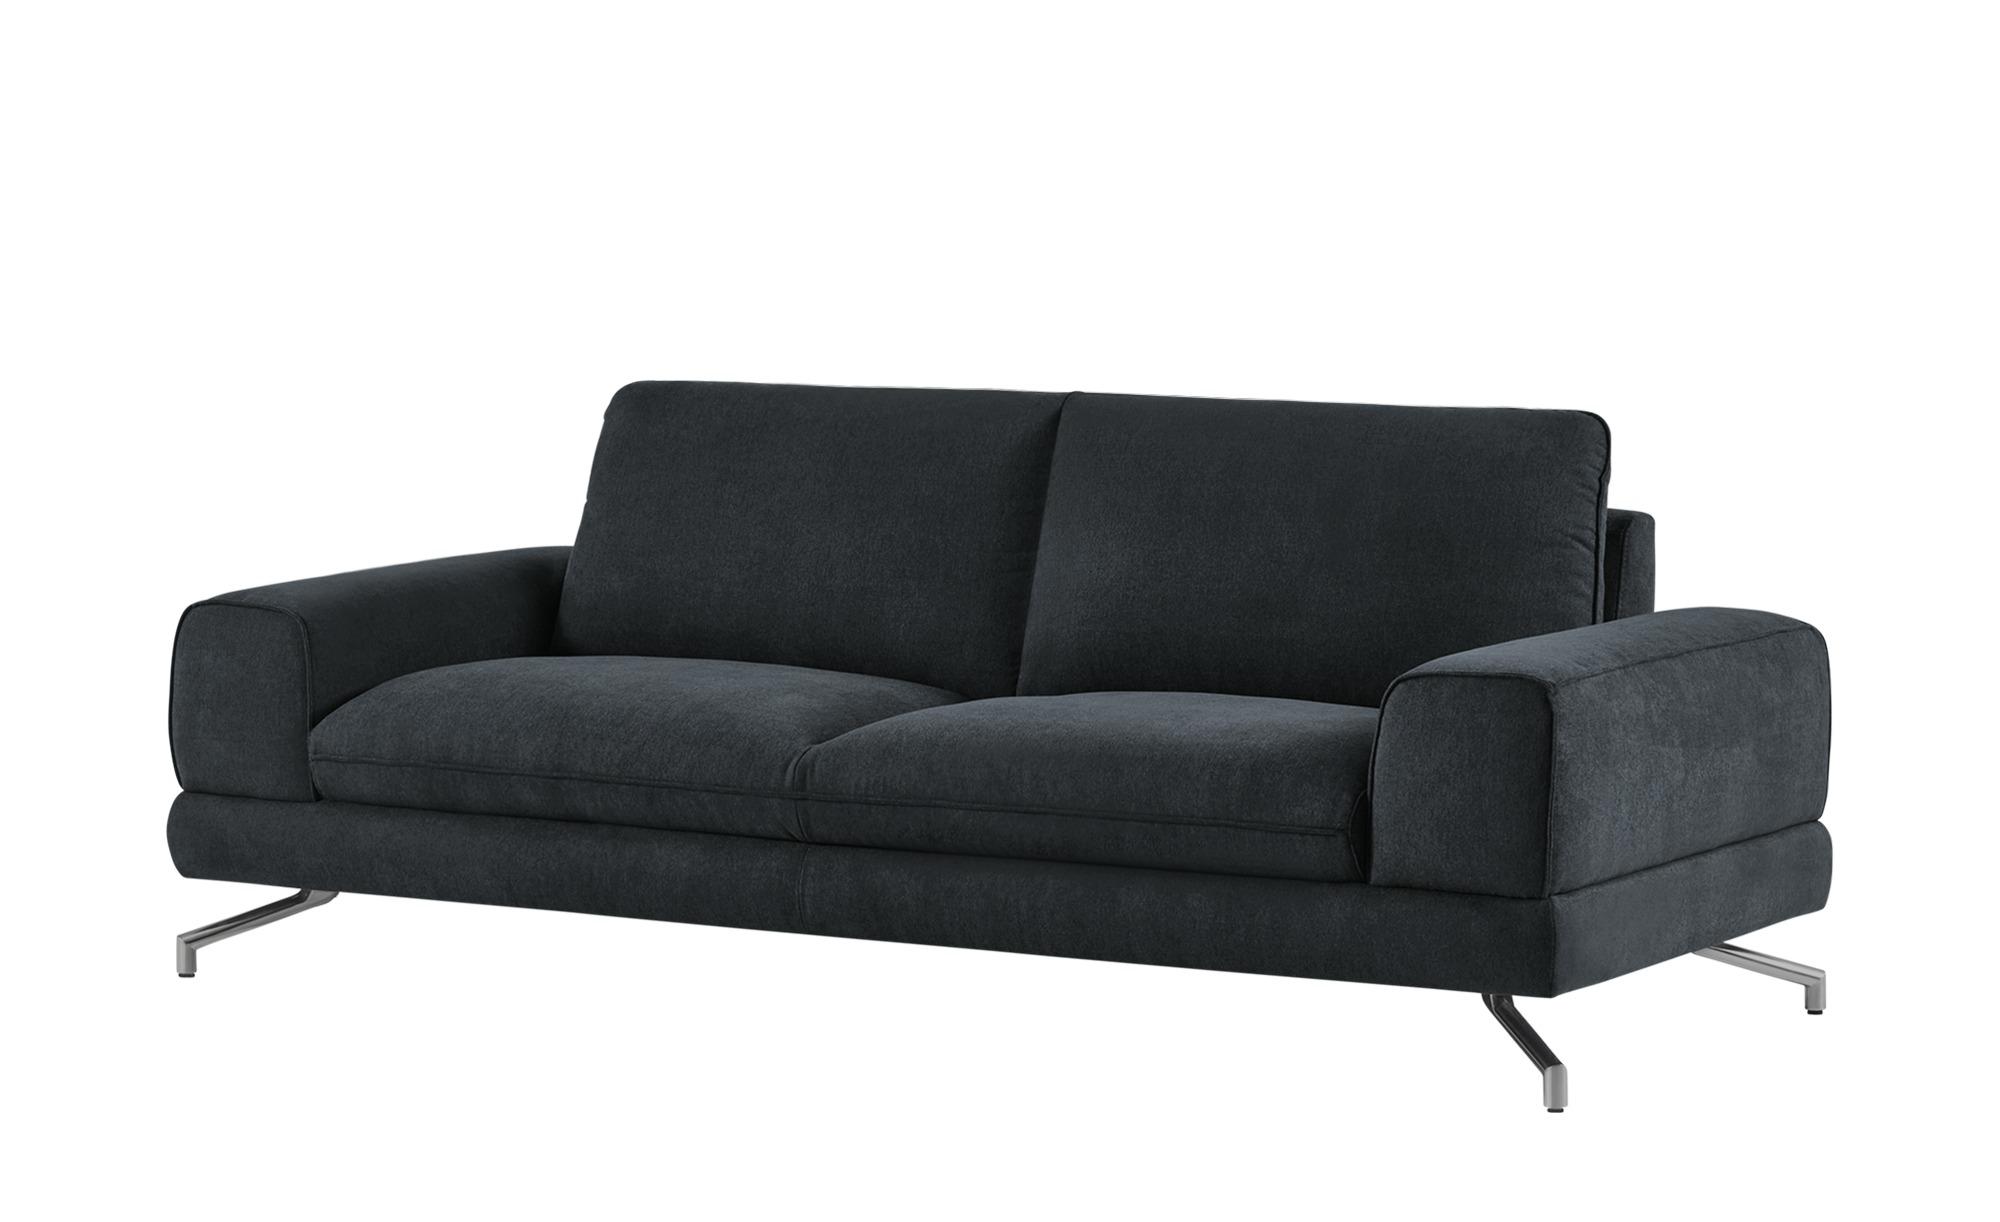 smart Sofa schwarz - Stoff Bonika ¦ schwarz ¦ Maße (cm): B: 218 H: 83 T: 95 Polstermöbel > Sofas > 3-Sitzer - Höffner